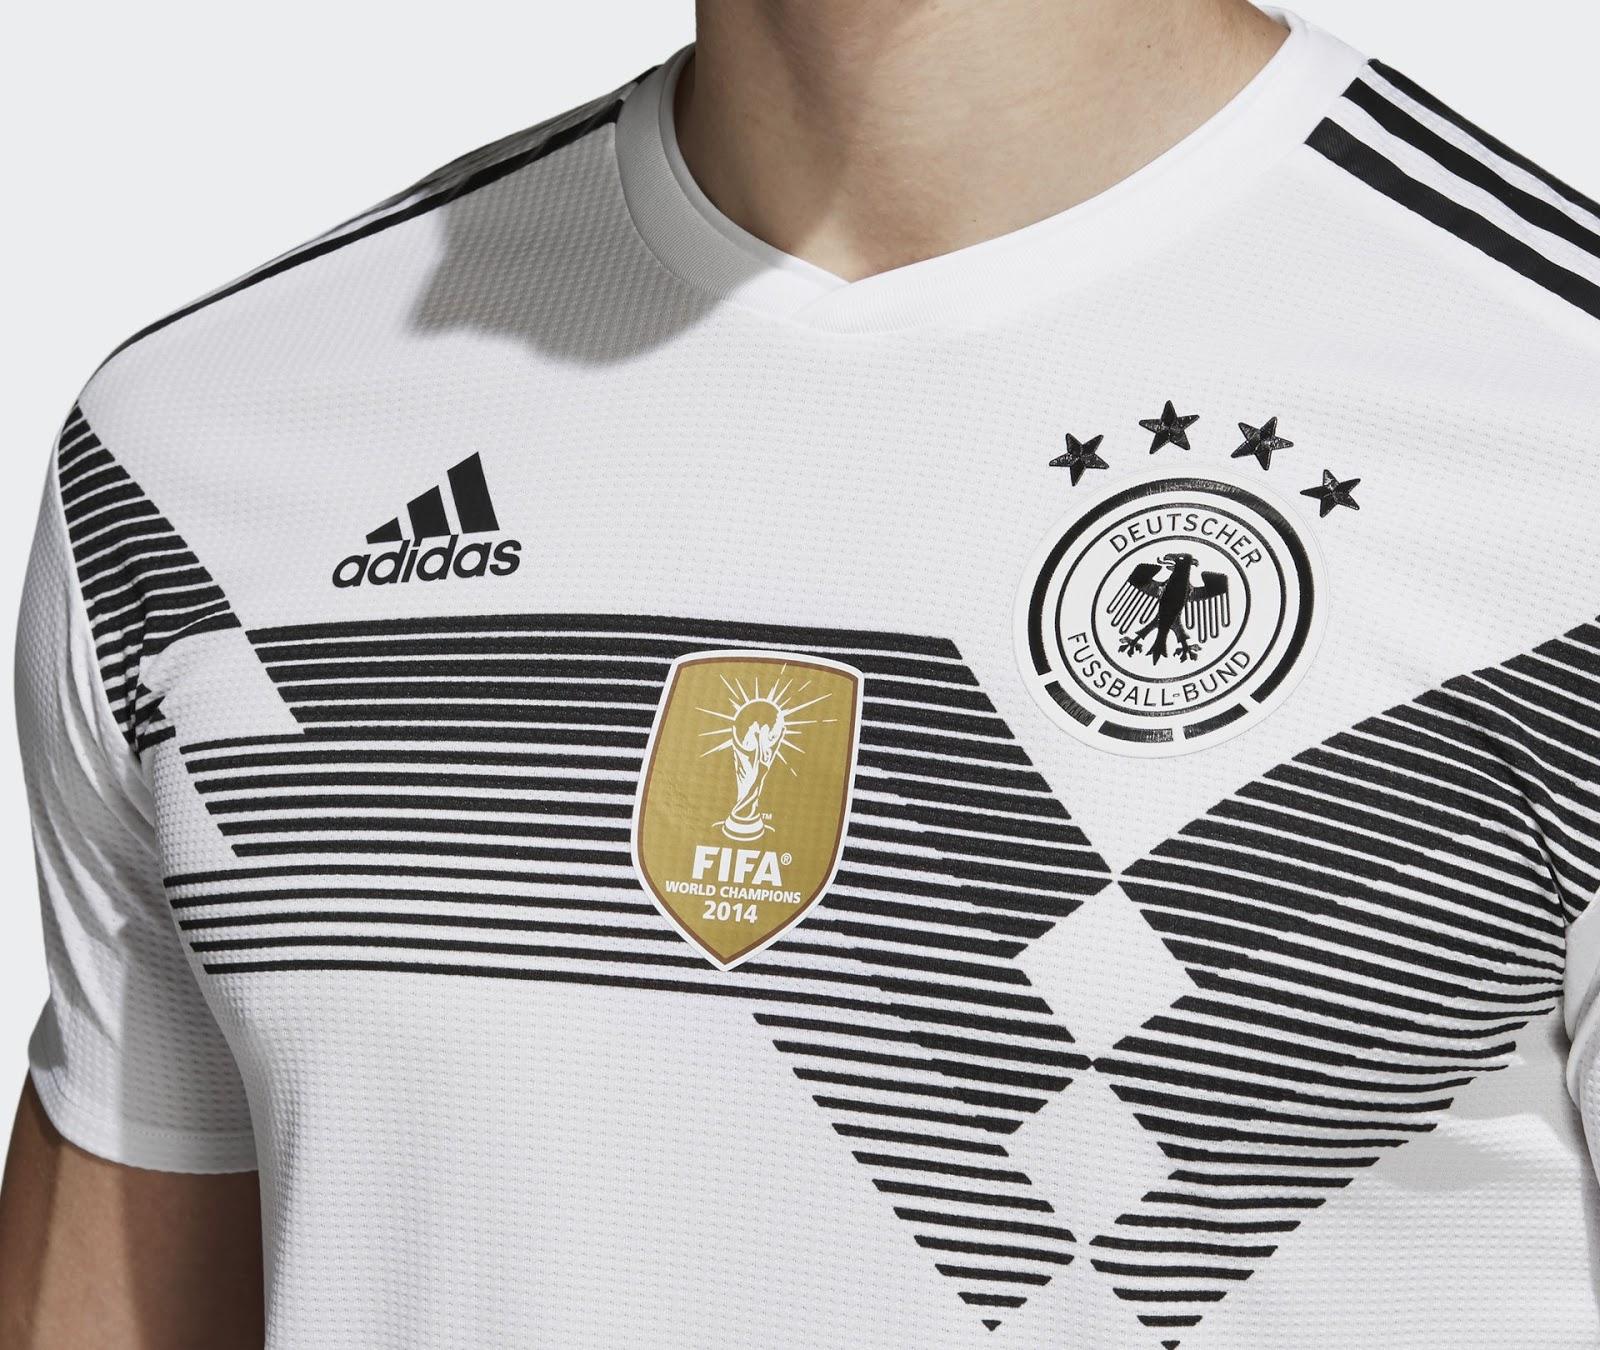 0bdbdad04e226 Adidas lança a nova camisa titular da Alemanha para Copa do Mundo ...